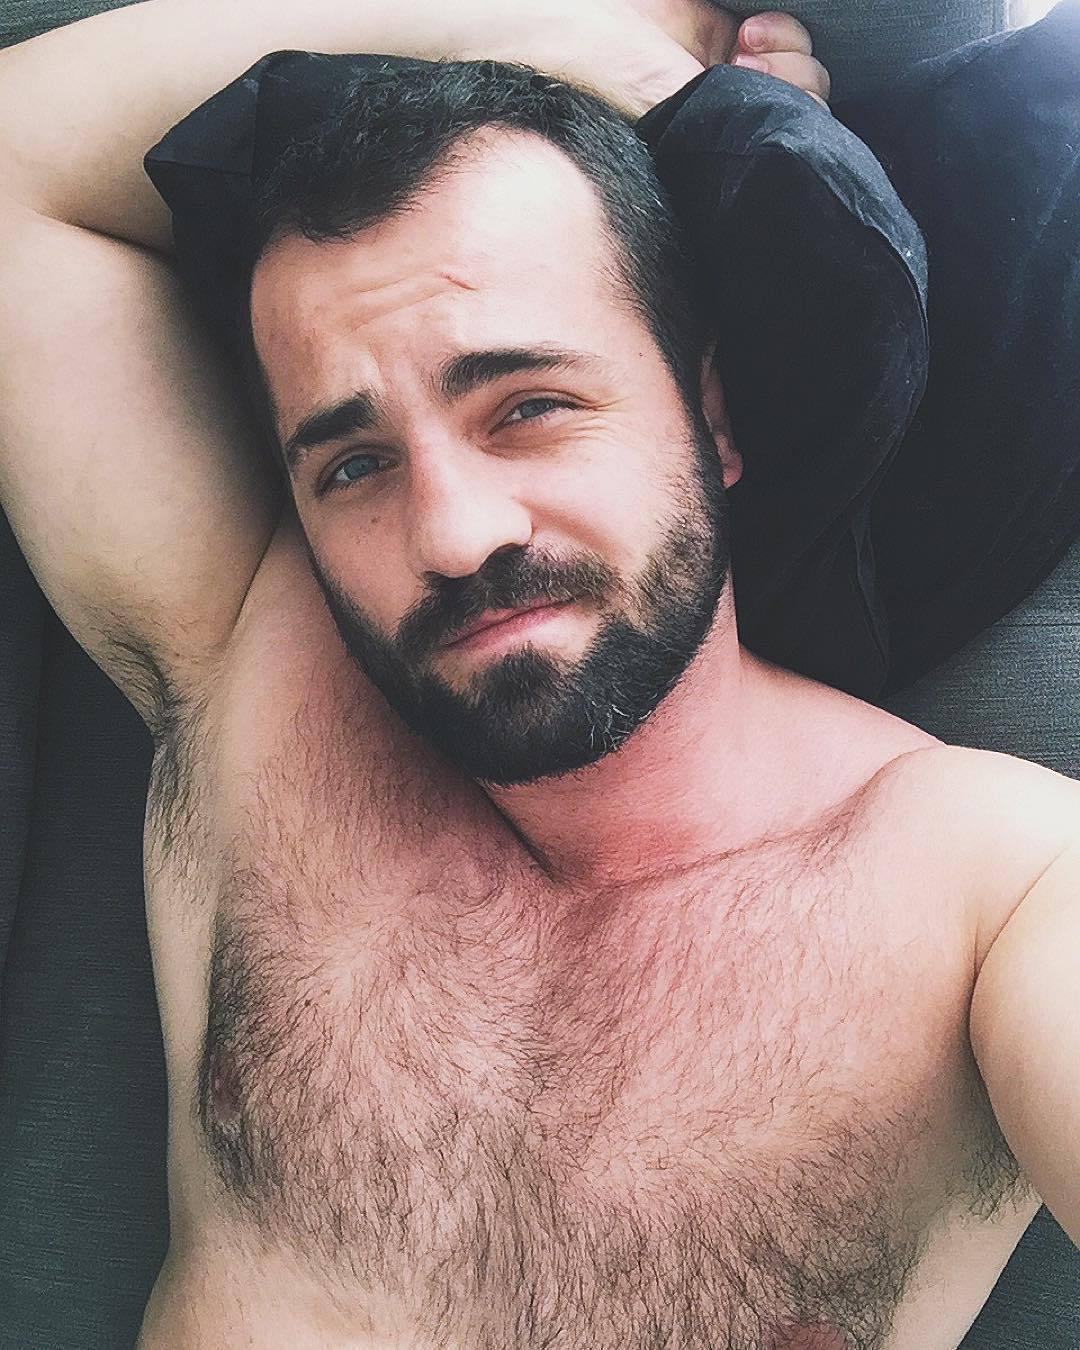 2018-11-26 23:24:40 - lembra te sempre cada dia nasce de um novo beardburnme http://www.neofic.com